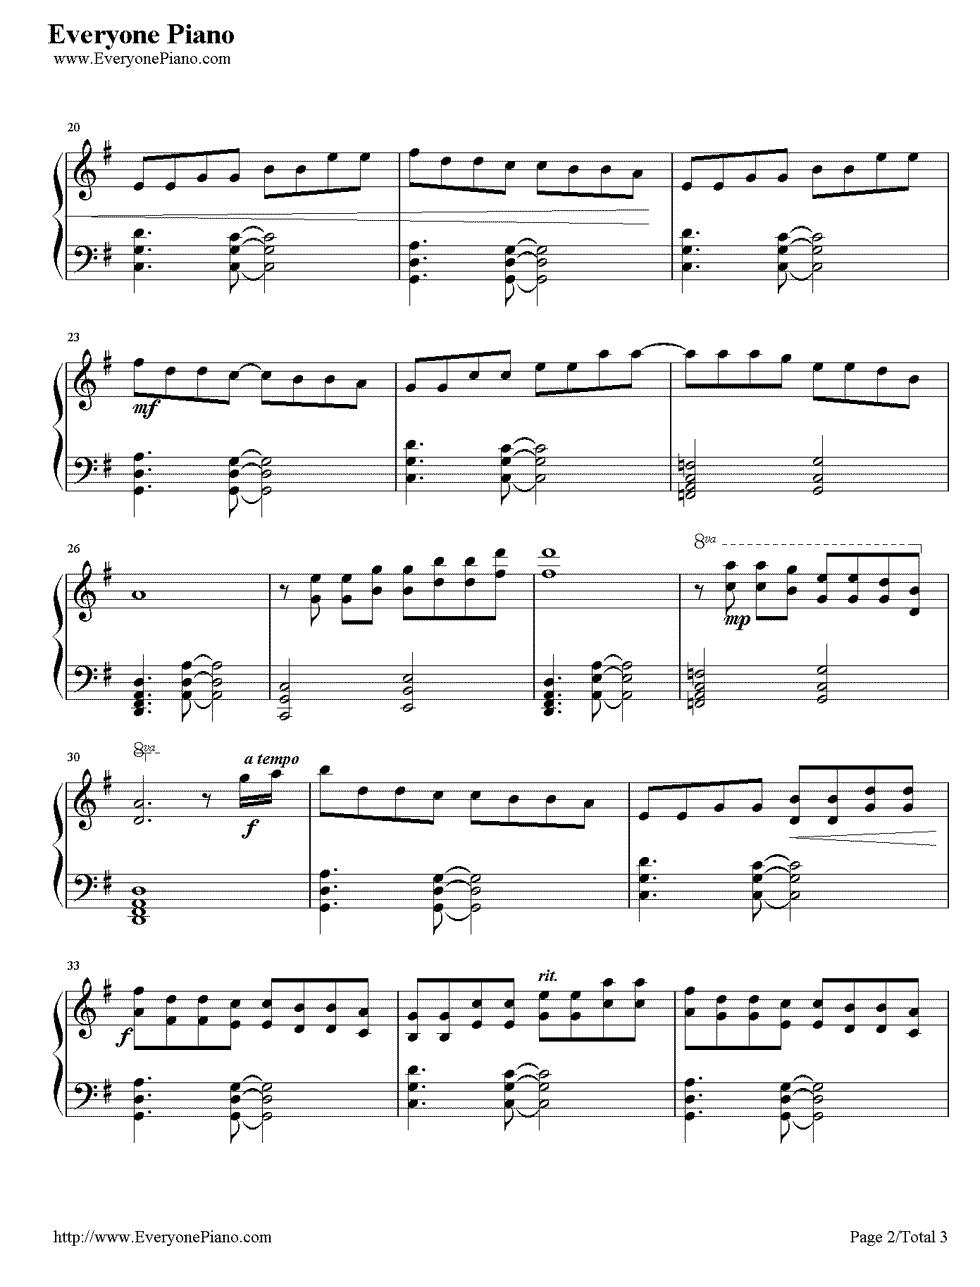 bellas lullaby piano sheet music pdf